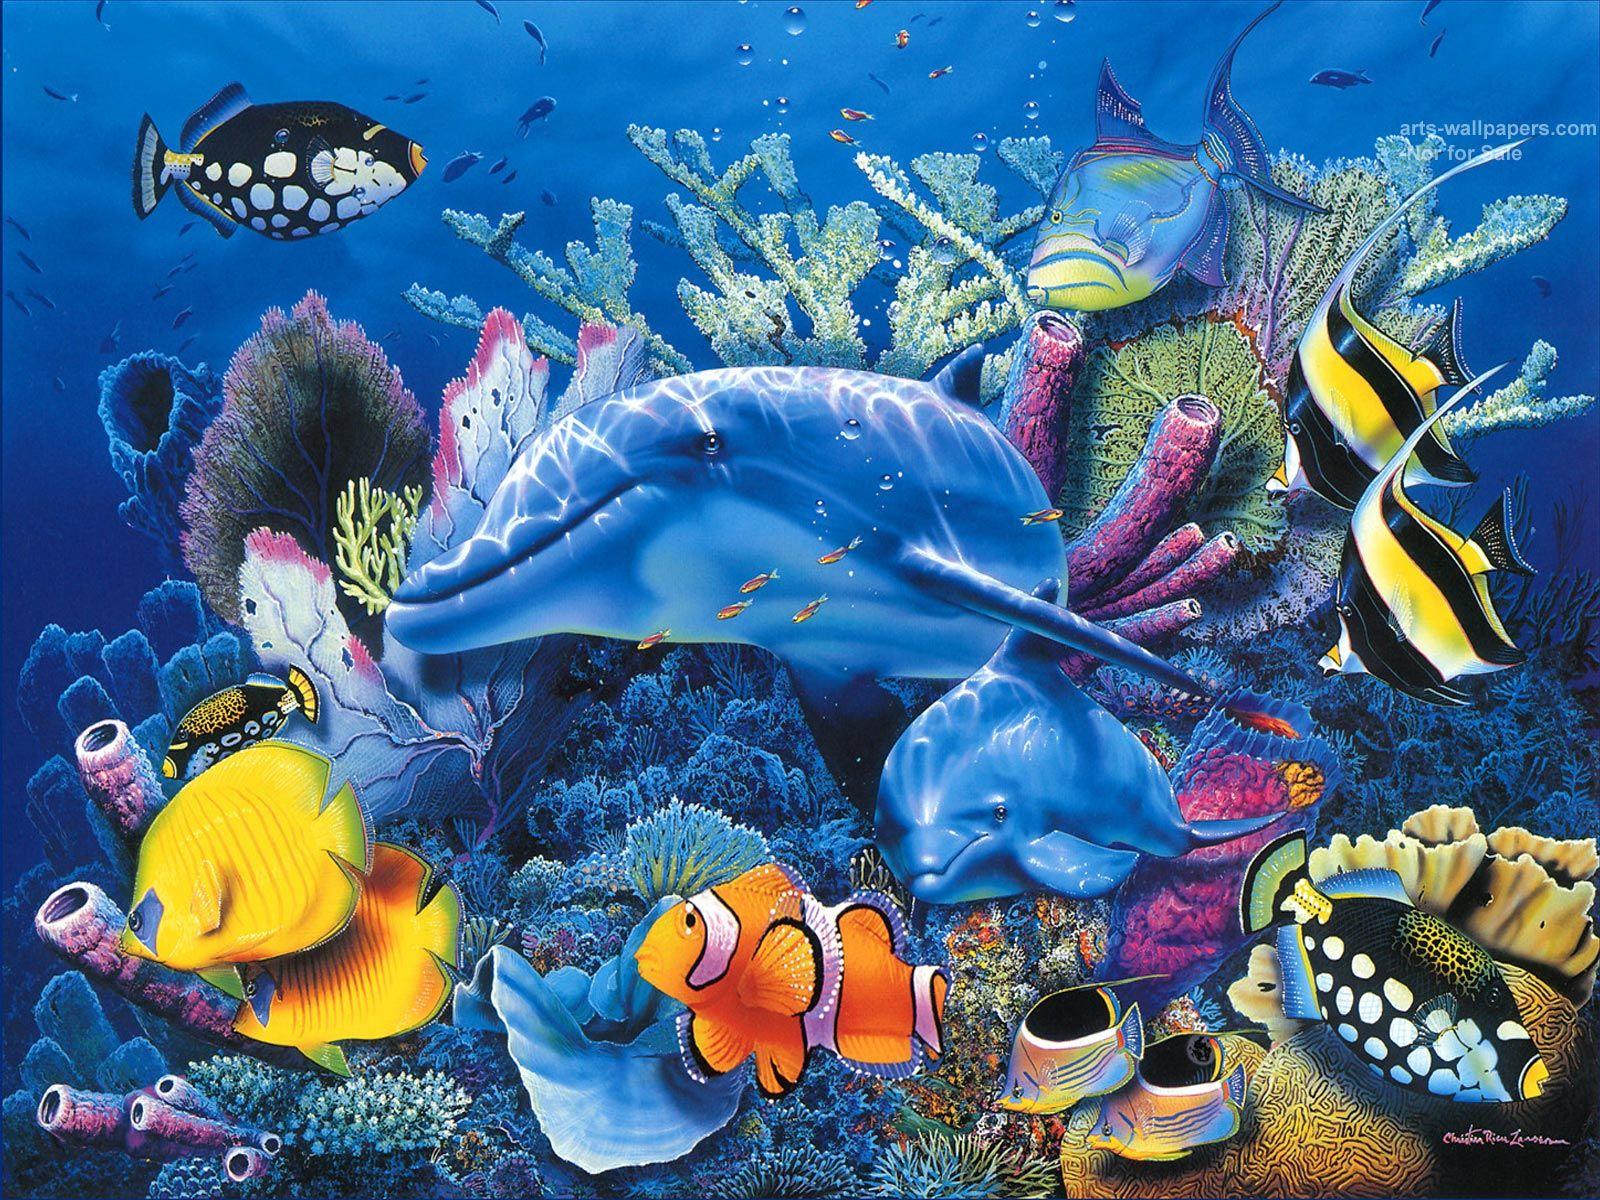 Christian Art Christian Riese Lassen Wallpapers Art Print Ocean